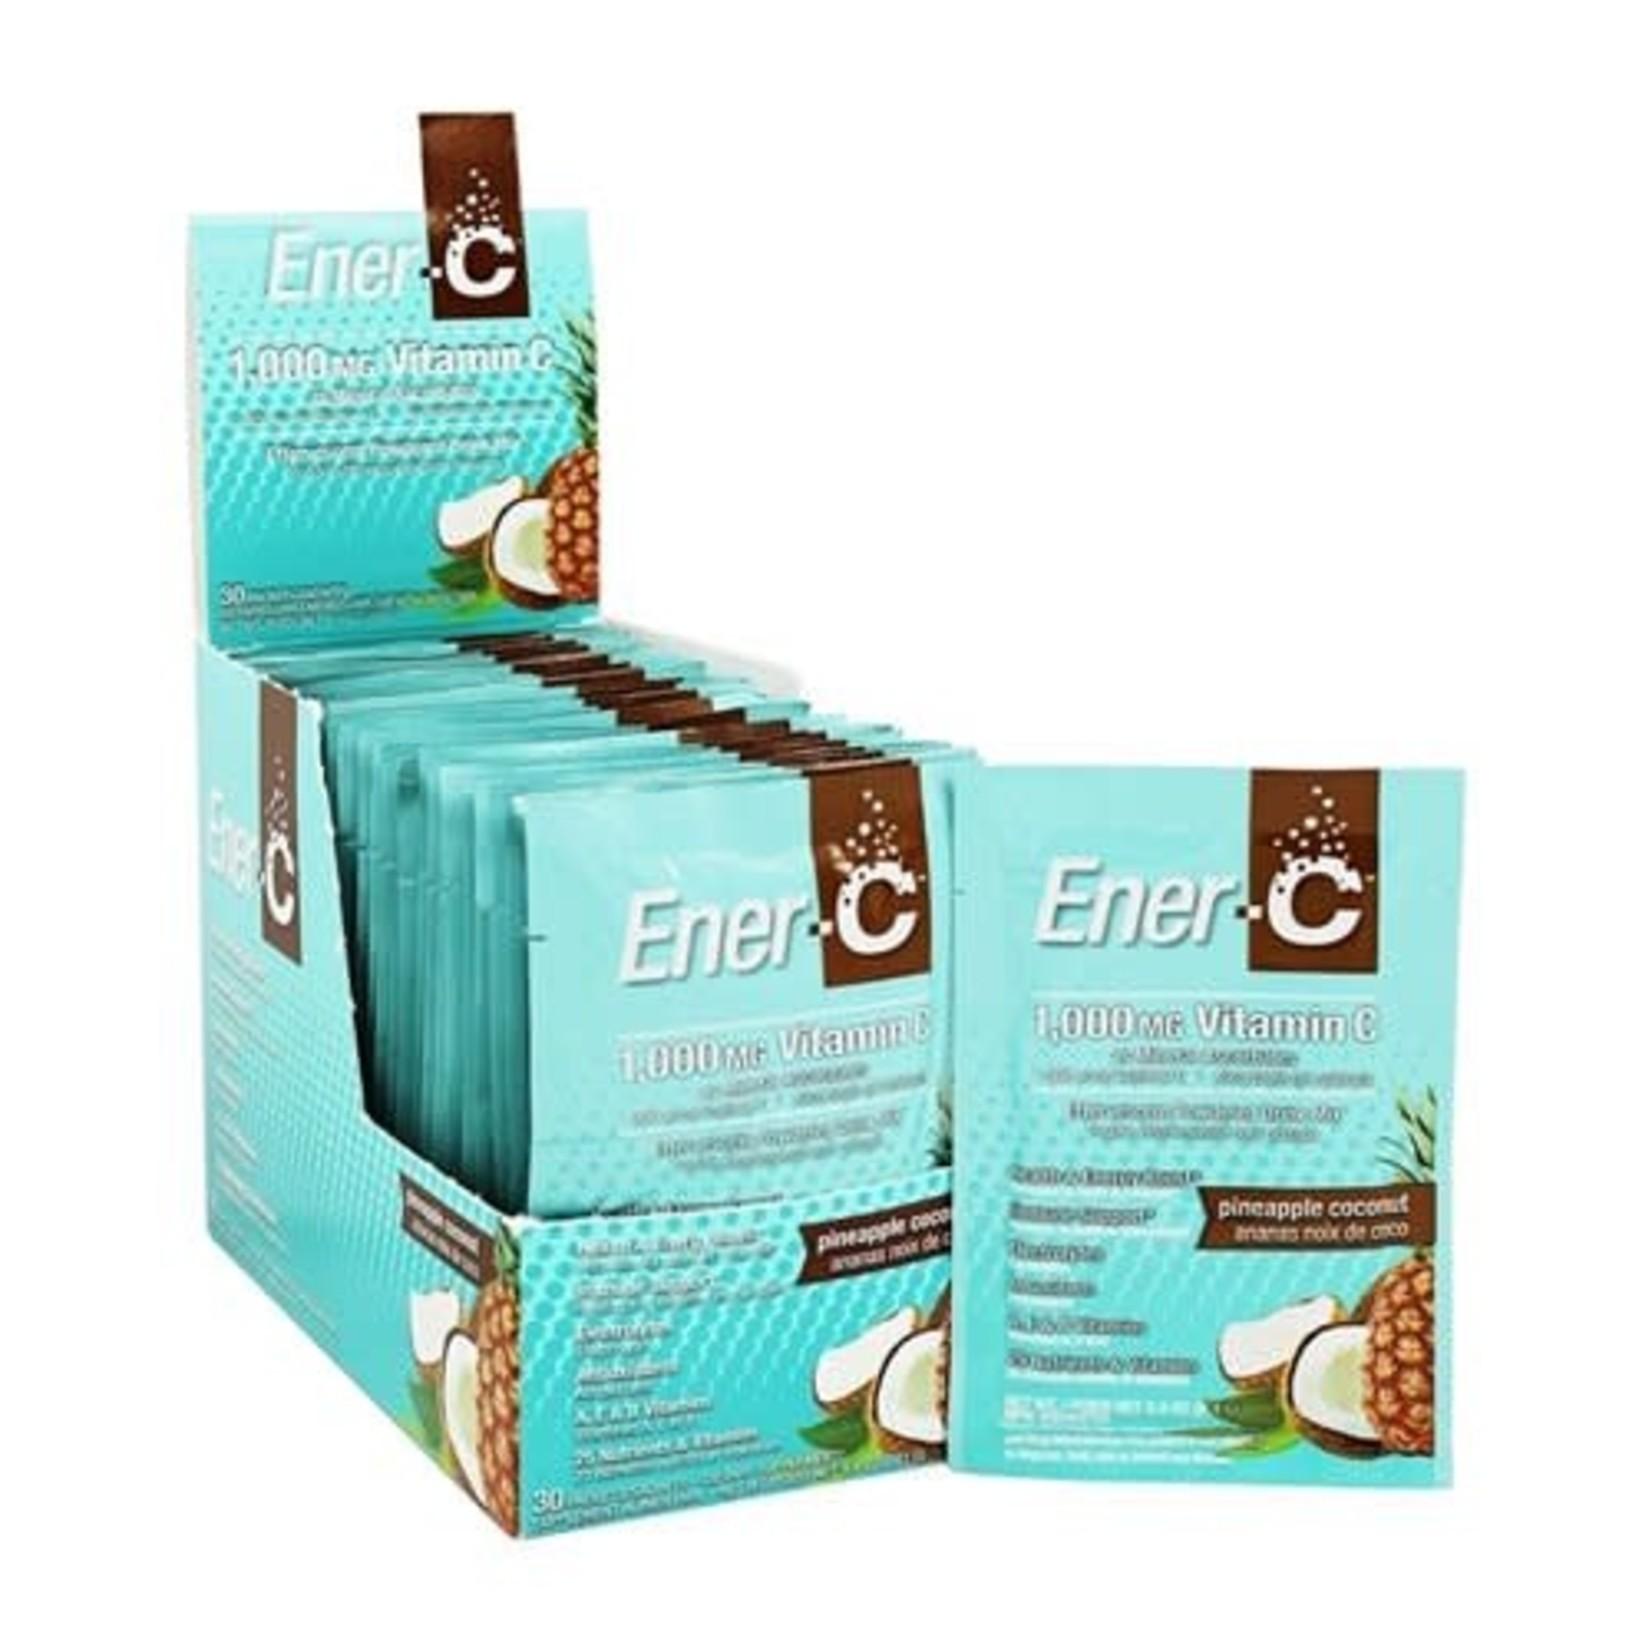 Ener-C Ener-C Pineapple Coconut 30ct